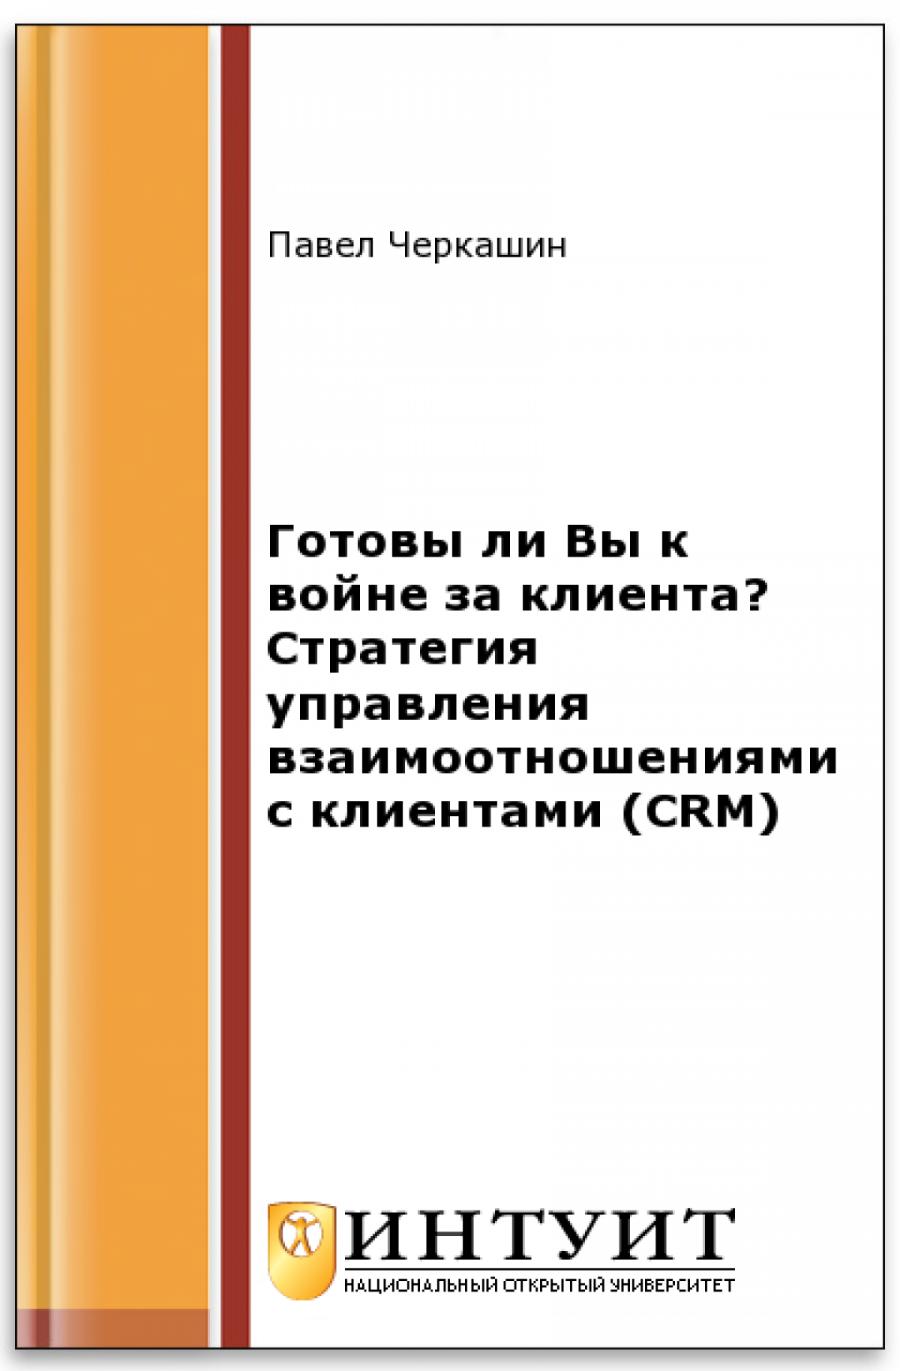 Обложка книги:  черкашин п.а.- готовы ли вы к войне за клиента стратегия управления взаимоотношениями с клиентами